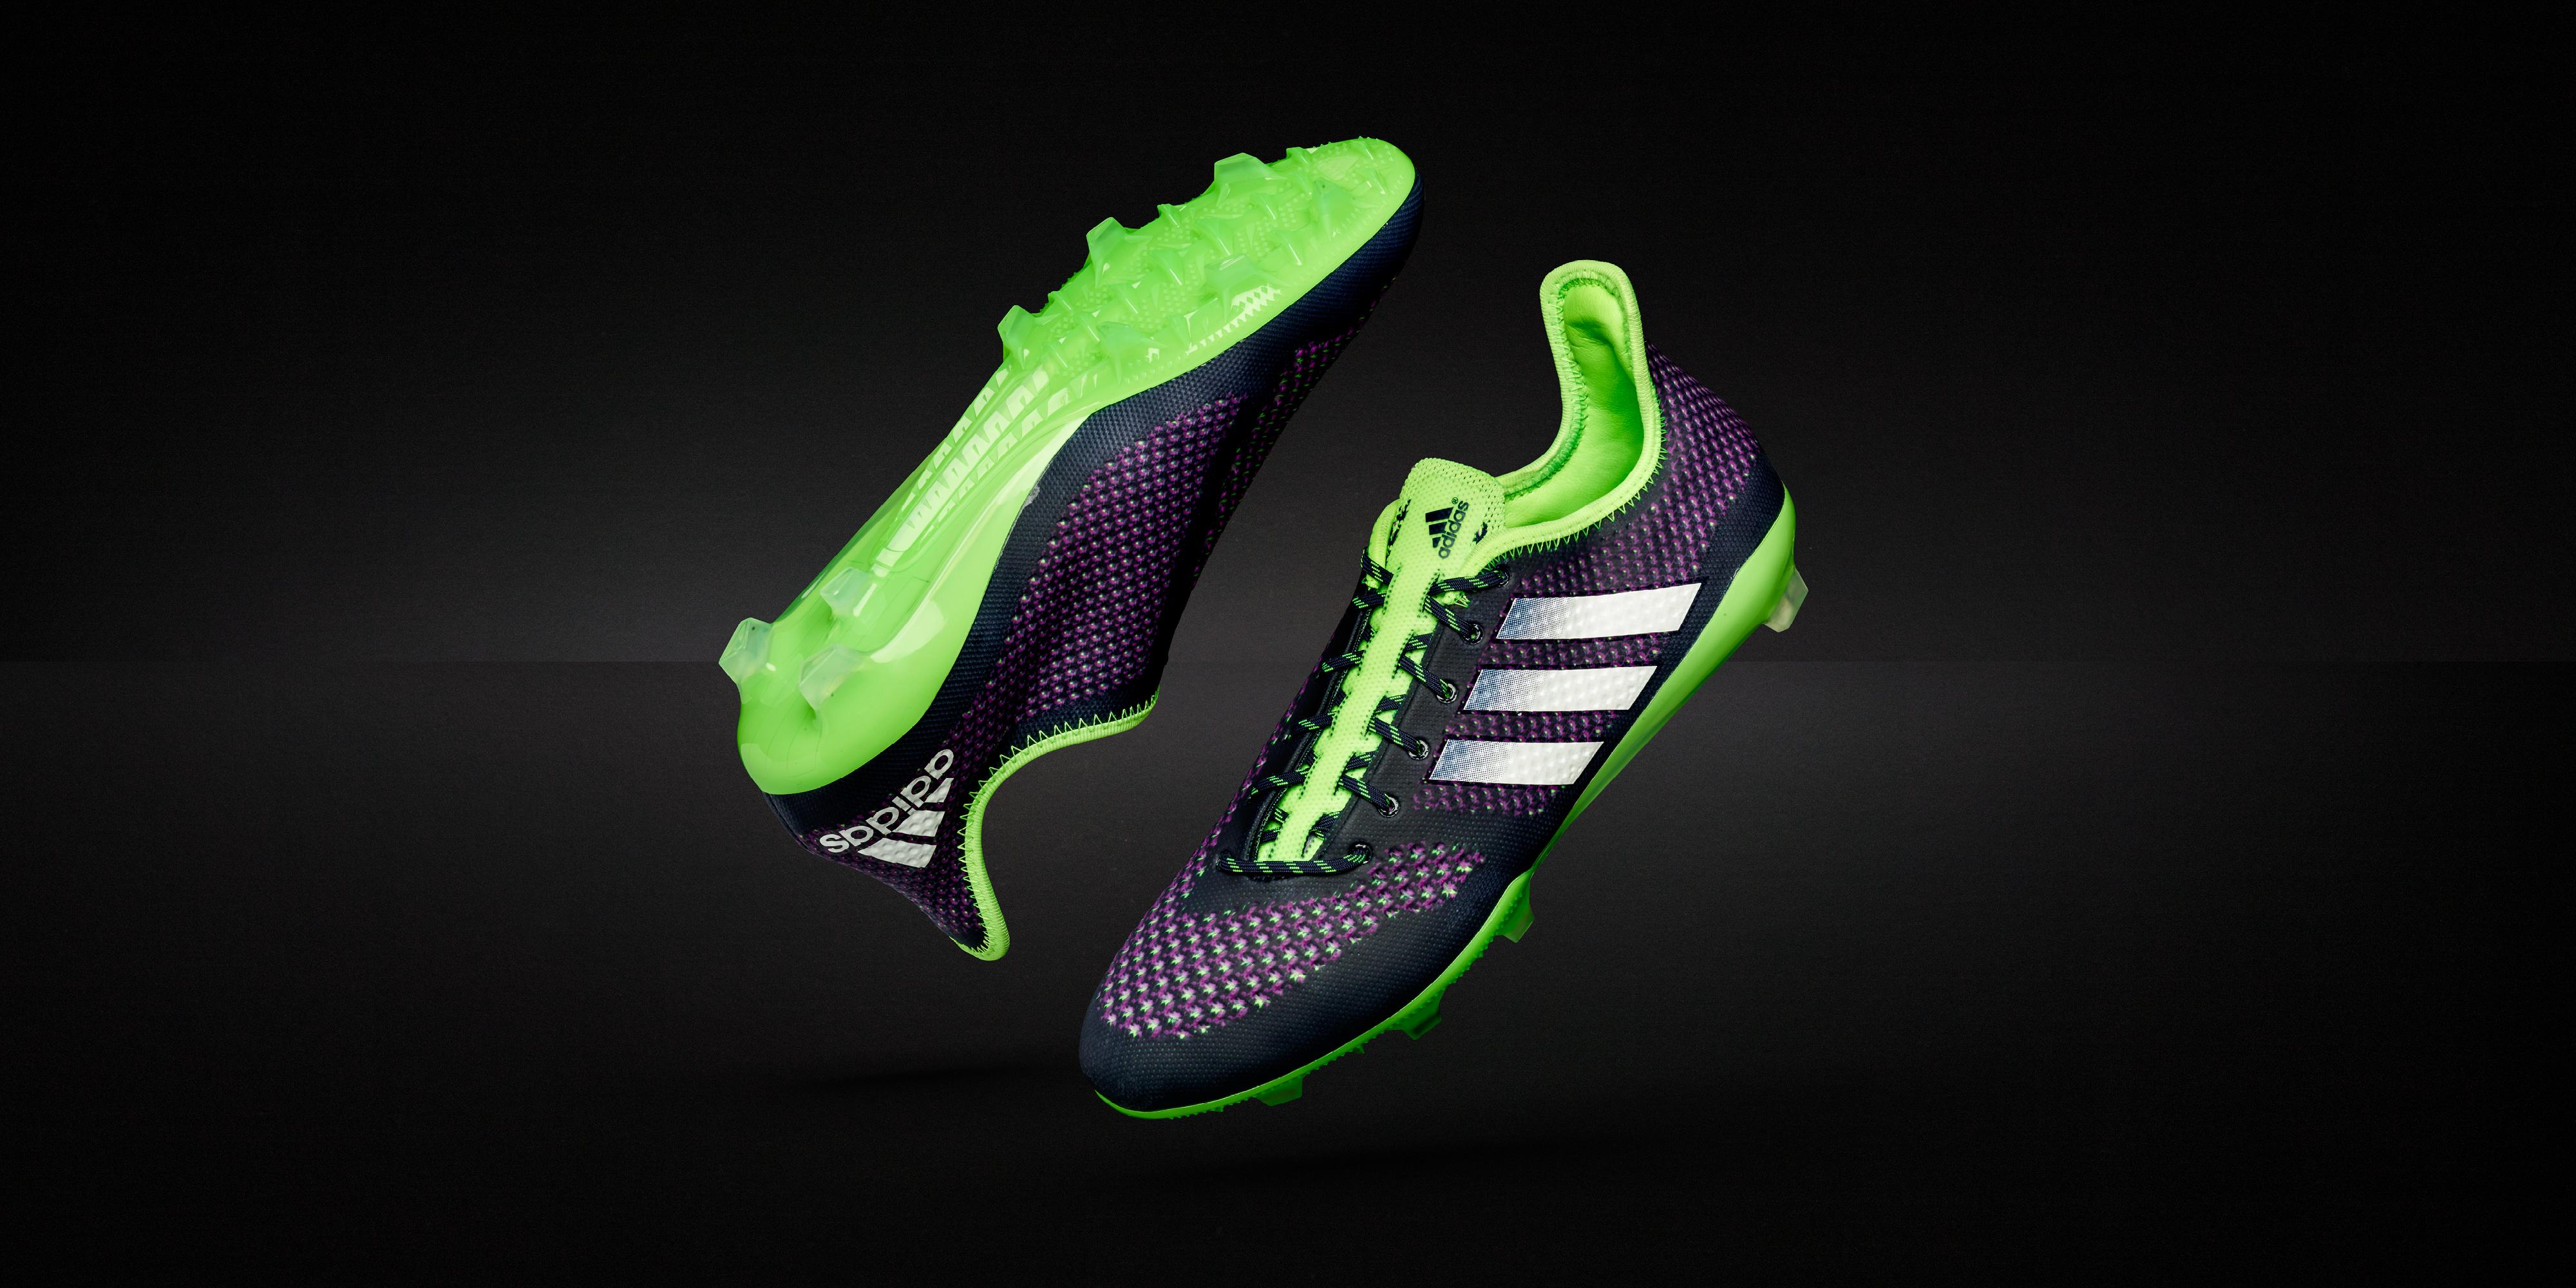 adidas 2000 football boots